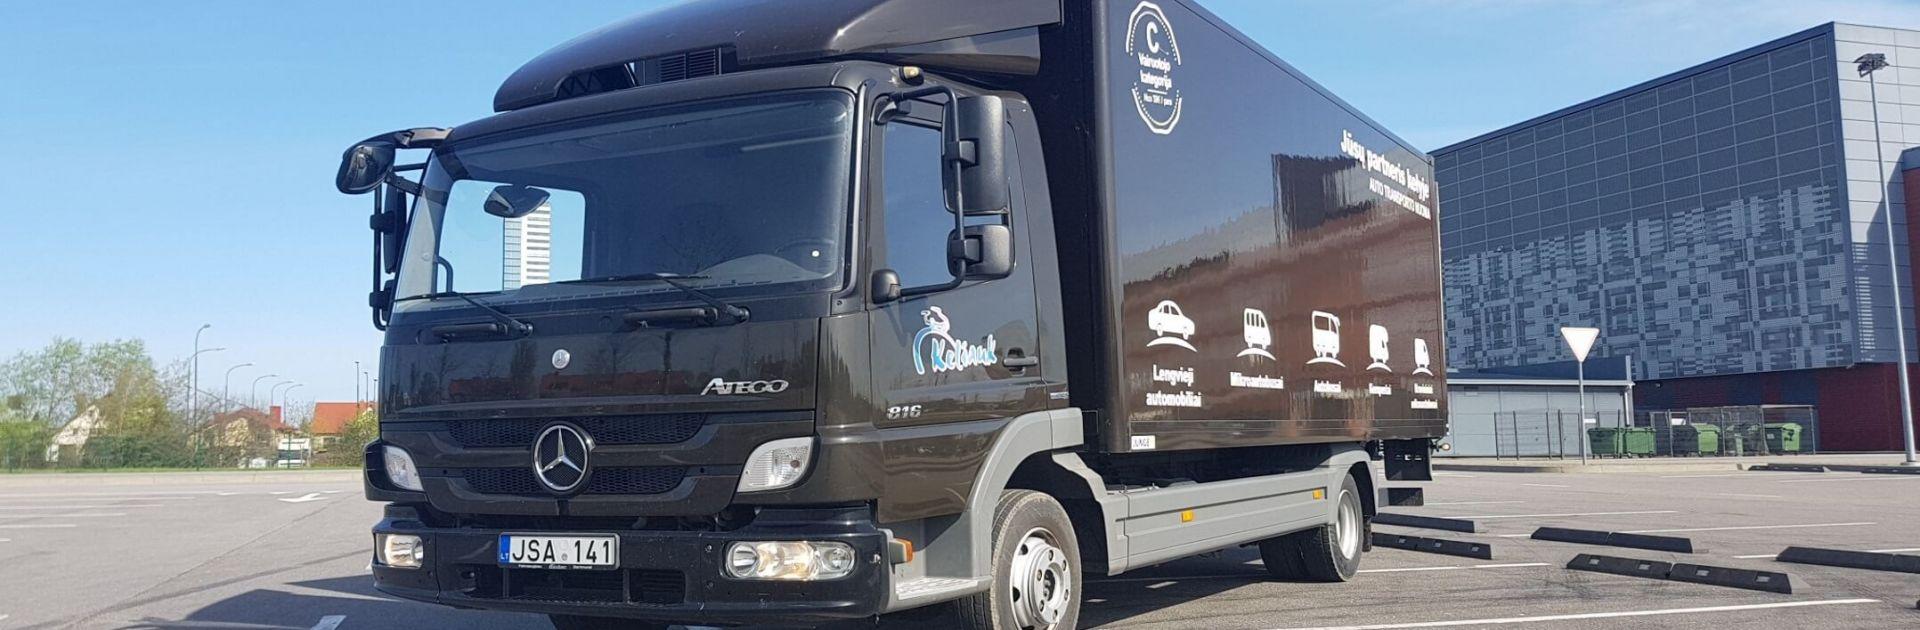 Krovininių mikroautobusų nuoma Klaipėdoje ir Neringoje, krovininių mikroautobusų nuoma kroviniams pervežti po Lietuvą ir užsienio šalis | Keliauk – Jūsų partneris kelyje.